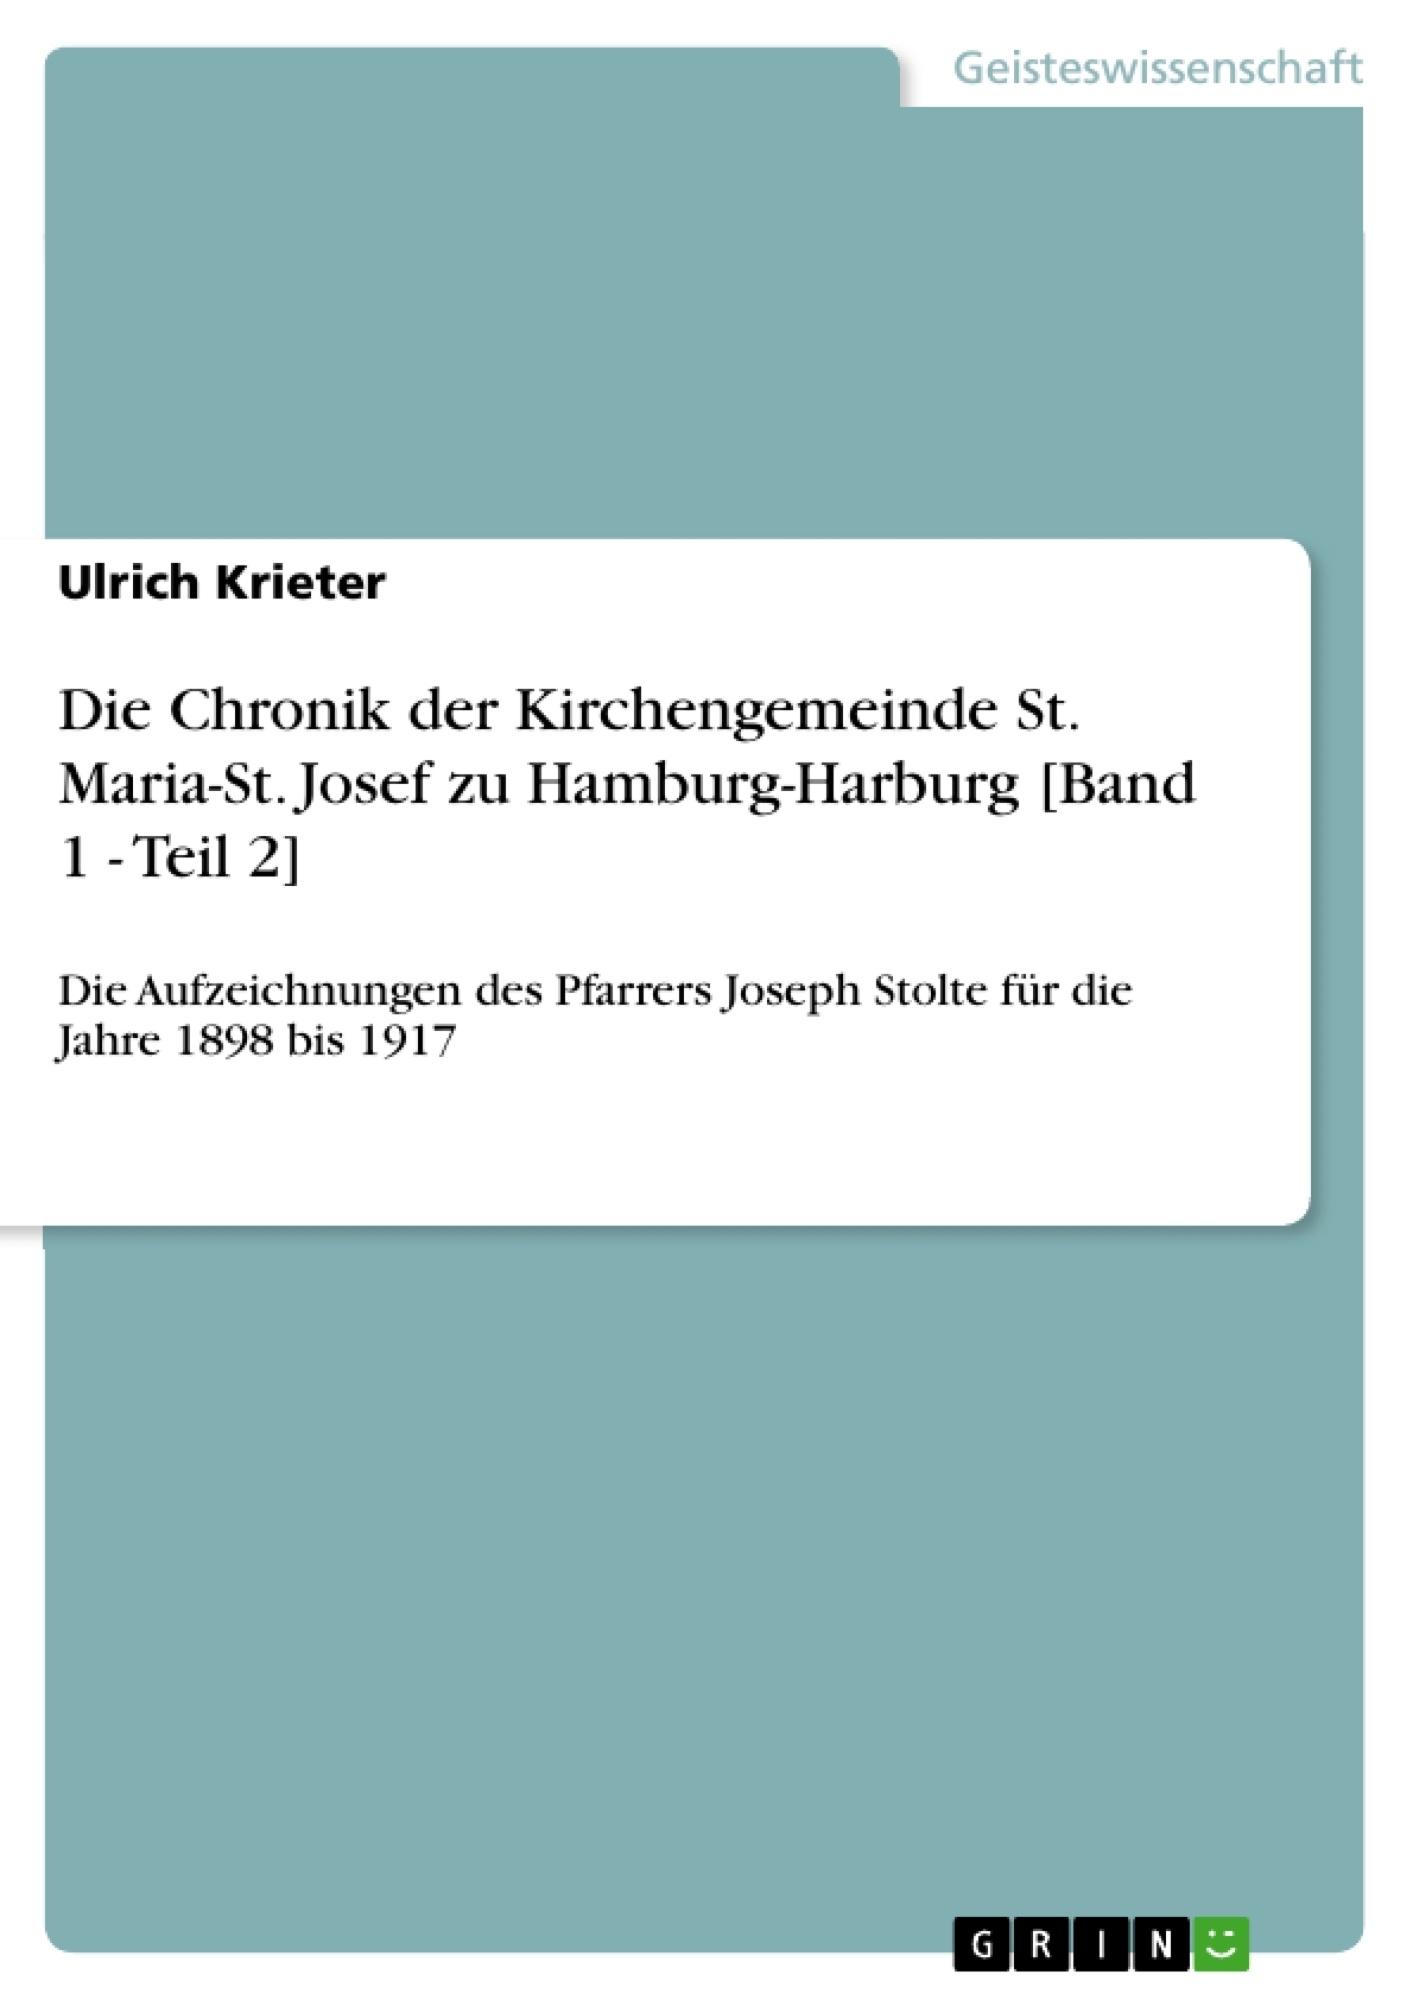 Titel: Die Chronik der Kirchengemeinde St. Maria-St. Josef zu Hamburg-Harburg [Band 1 - Teil 2]